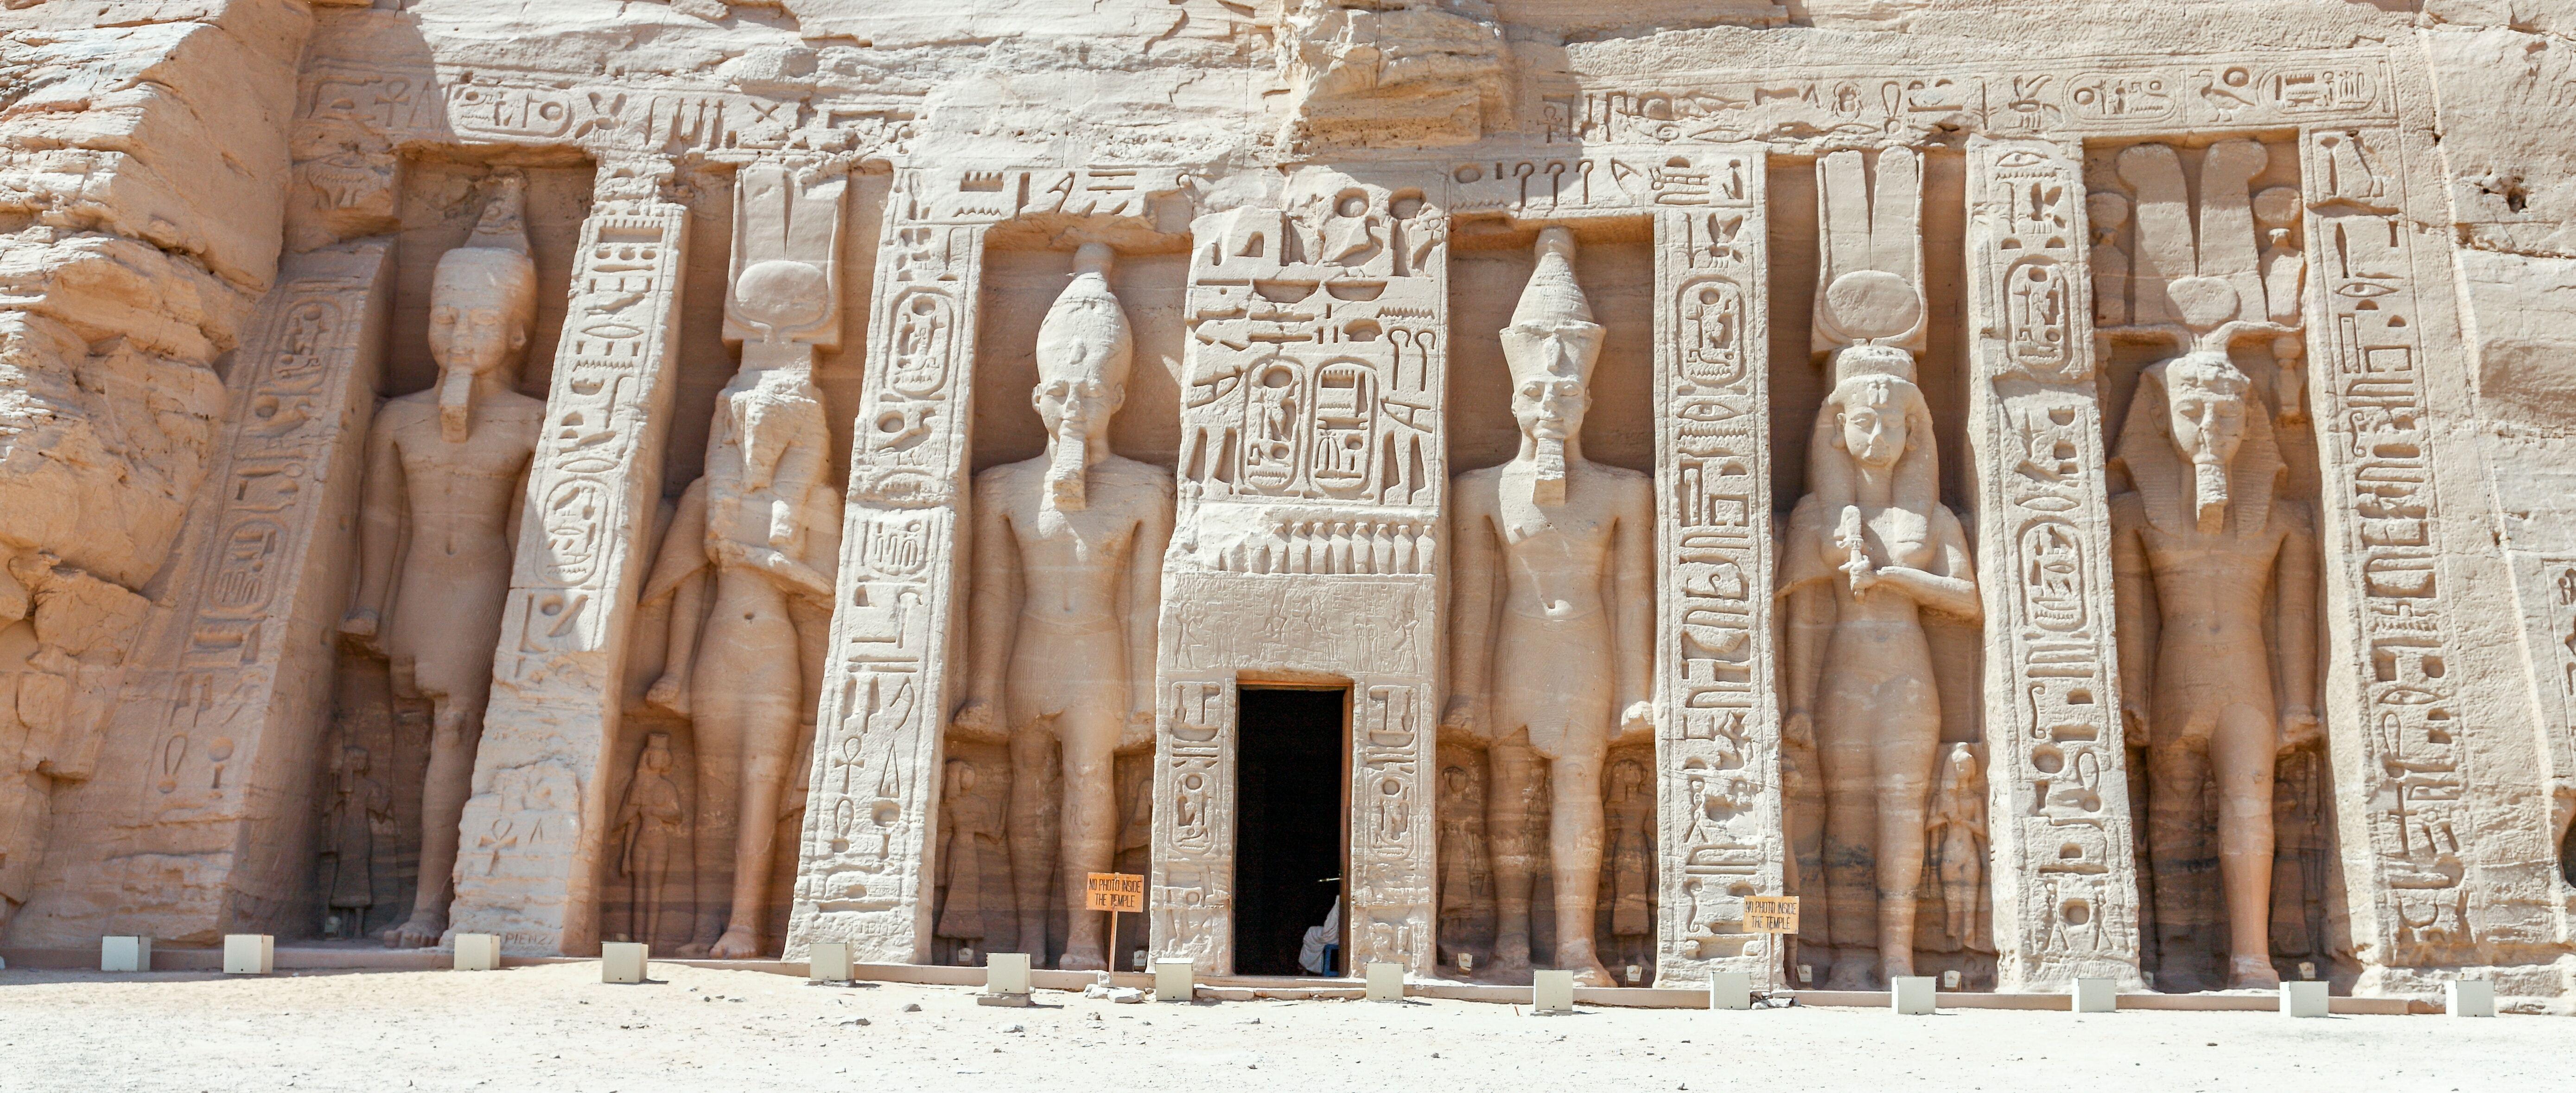 caracteristicas-arquitectura-egipcia